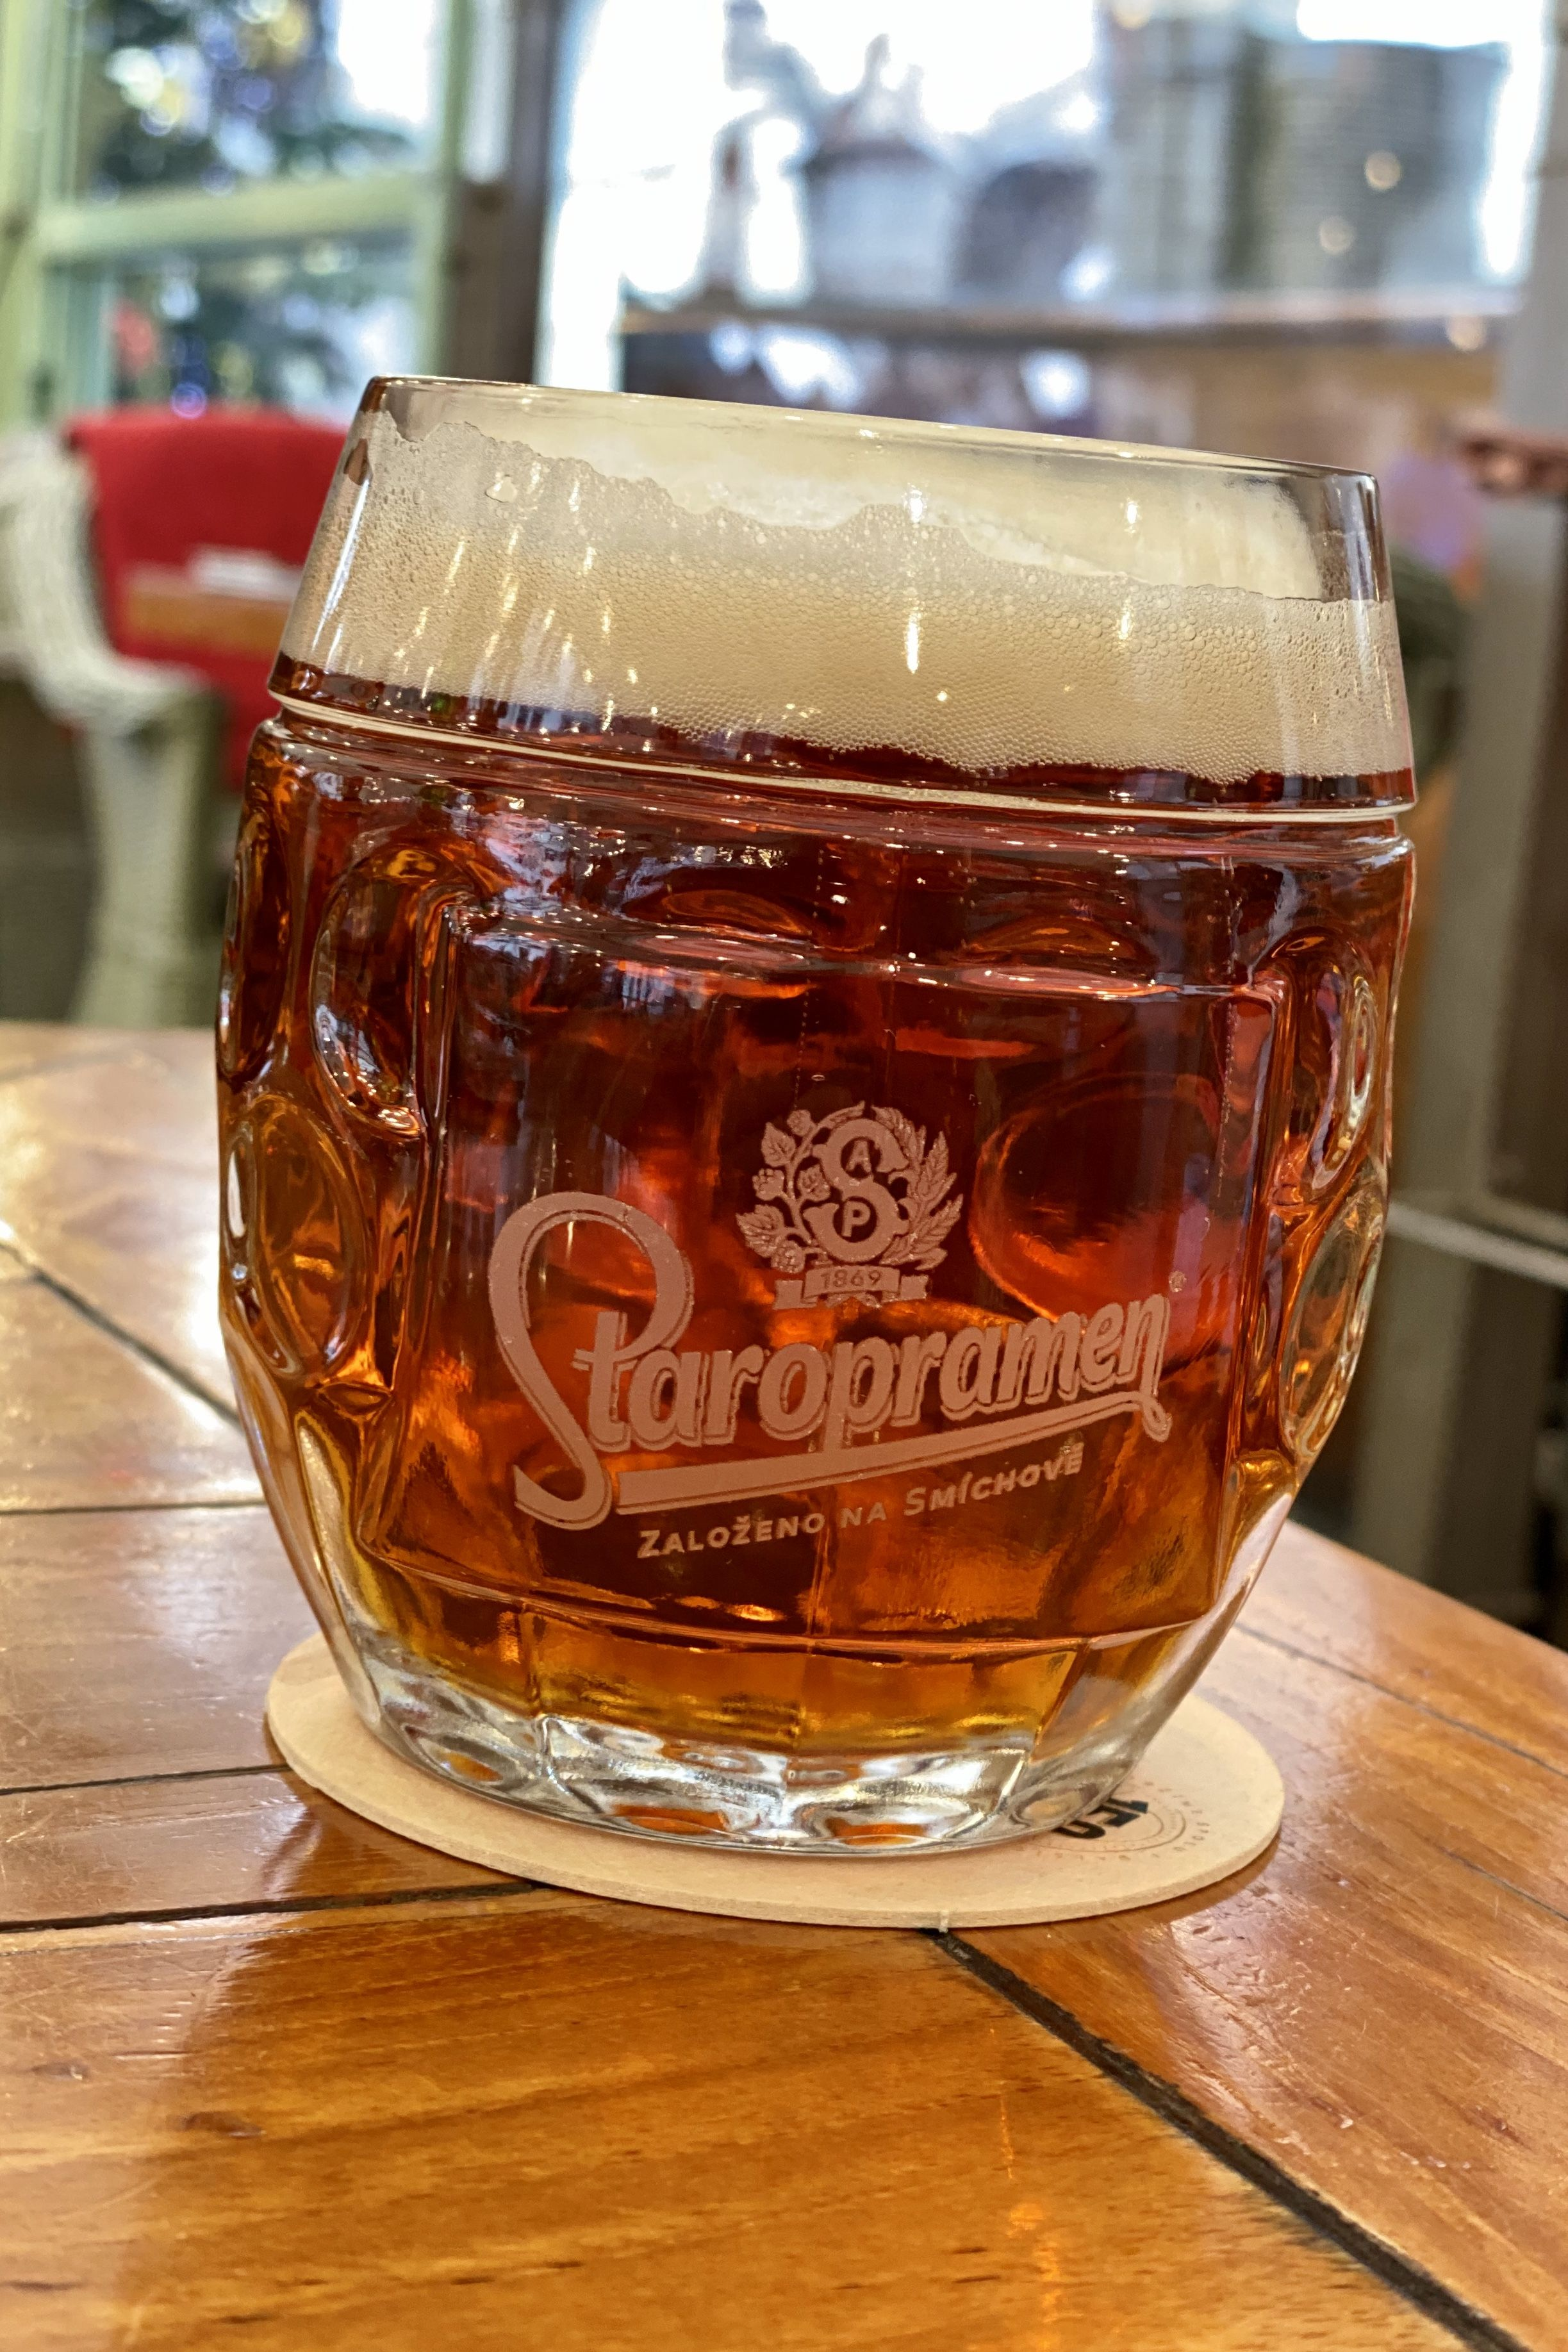 Staropramen In 2020 Craft Beer Alcoholic Drinks Beer Glasses